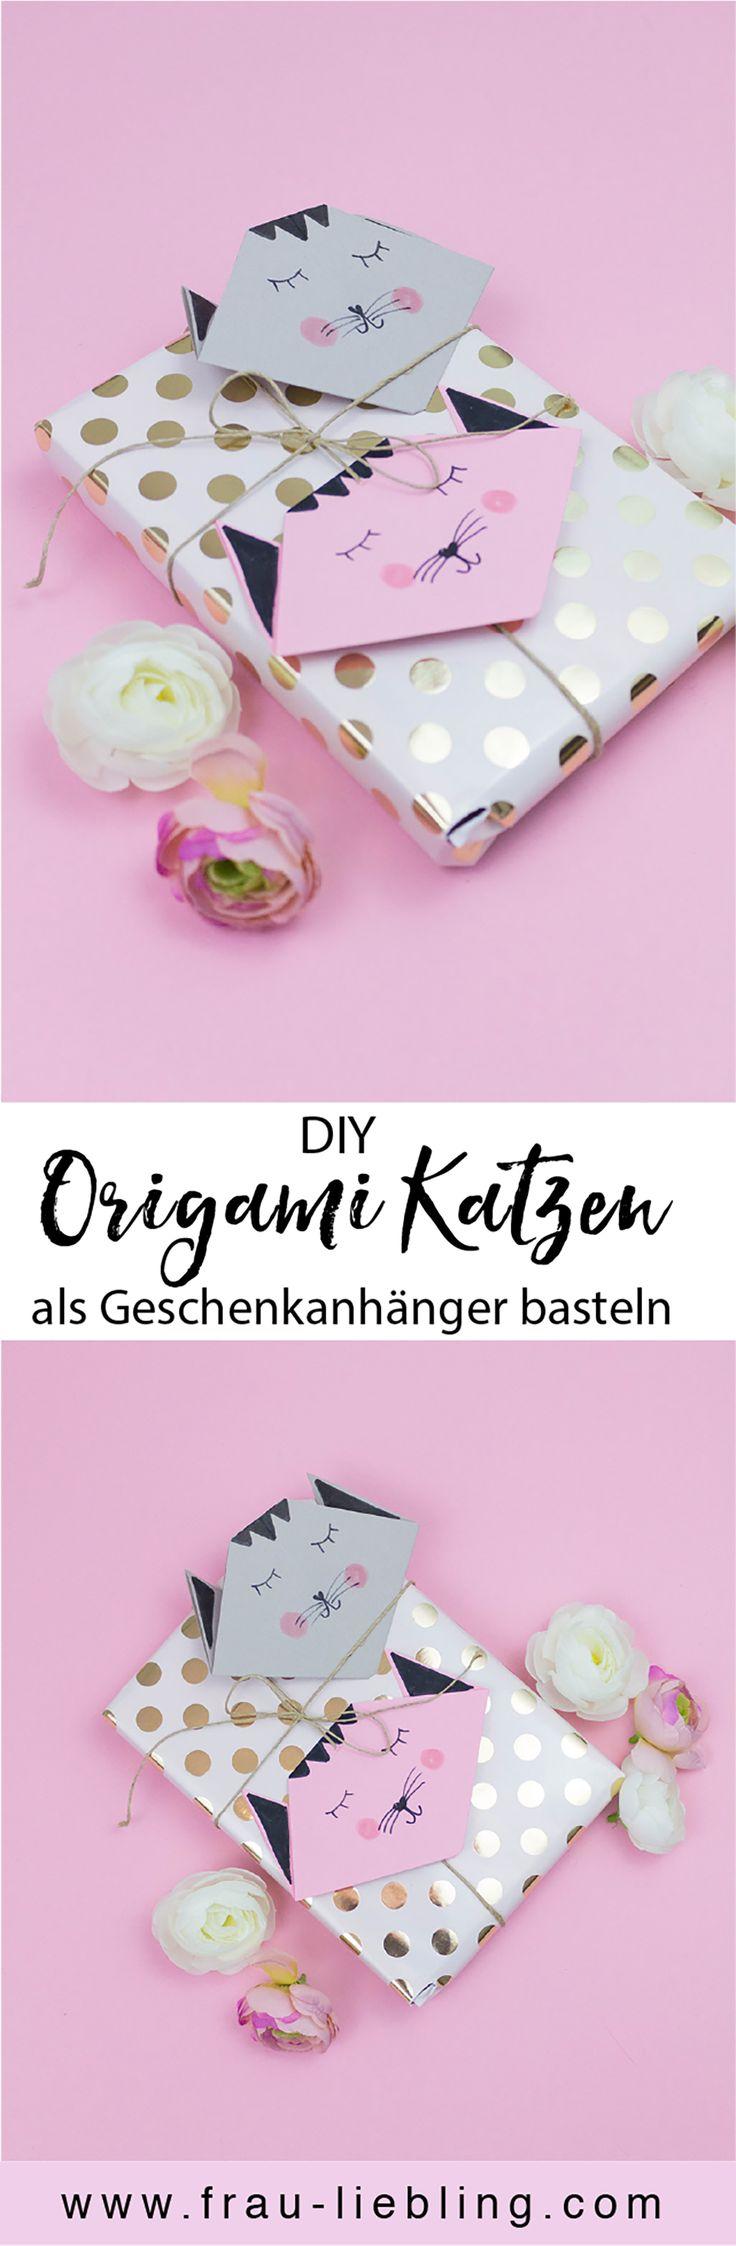 Möchtest deine Geschenke originell verpacken? Wie wäre es mit Origami Katzen als Geschenkanhänger? Die DIY Anhänger kannst du schnell und einfach selber basteln und auf das Papier der Rückseite schreibst du den Namen drauf. So kannst du deine Geschenke hübsch verpacken.